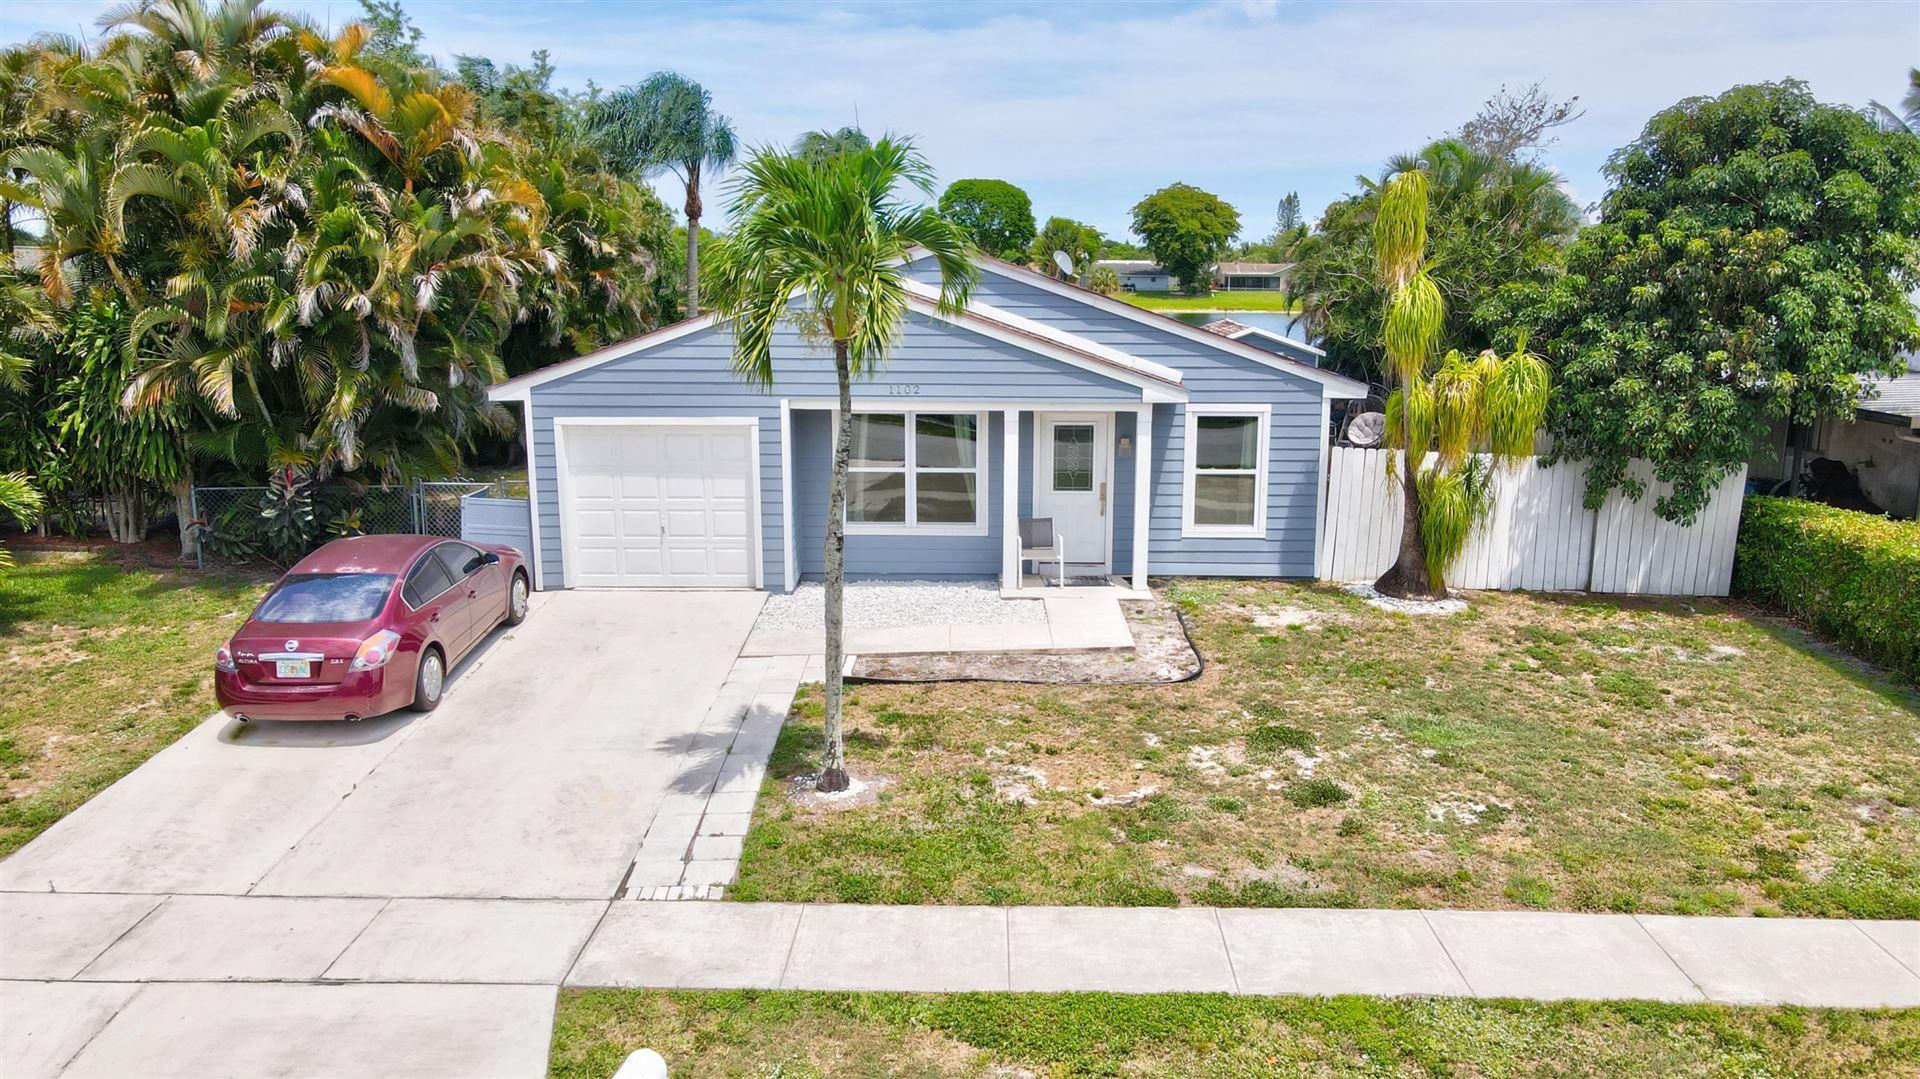 1102 Stardust Way, Royal Palm Beach, FL 33411 - #: RX-10715525